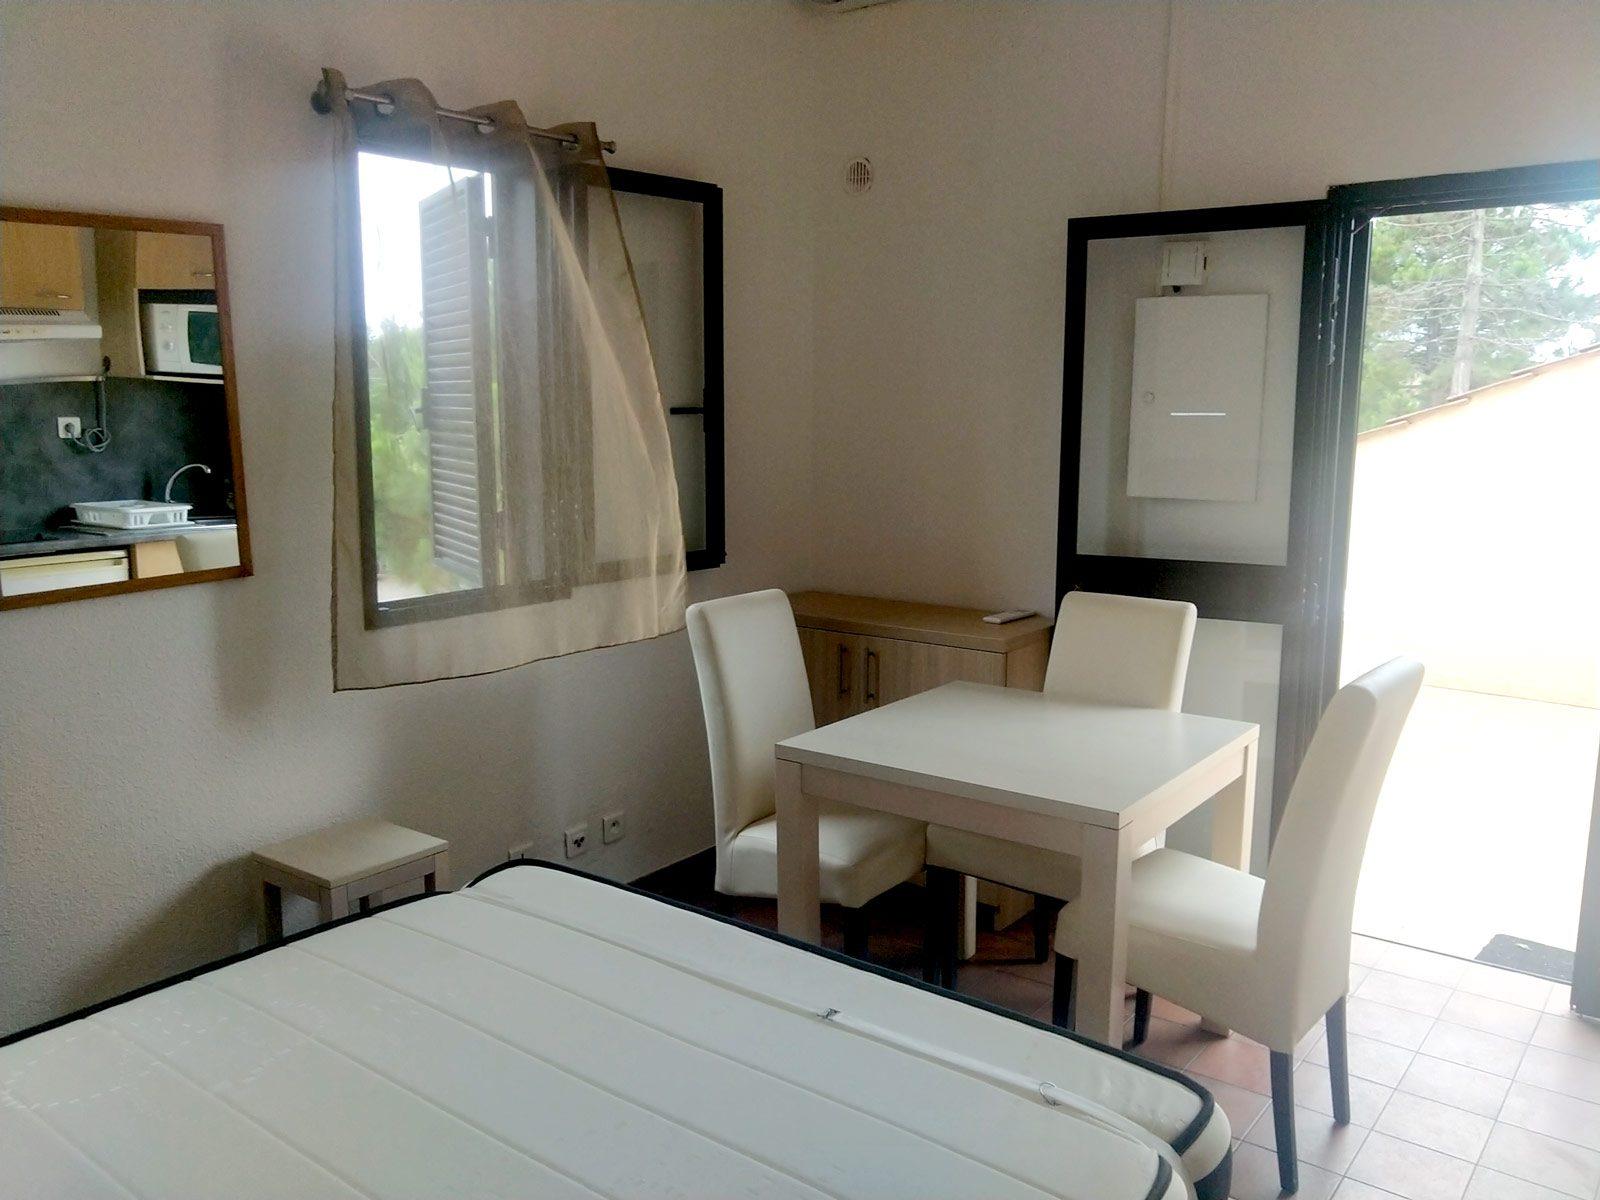 location-studio-mucchiatana-cap-sud-corse2